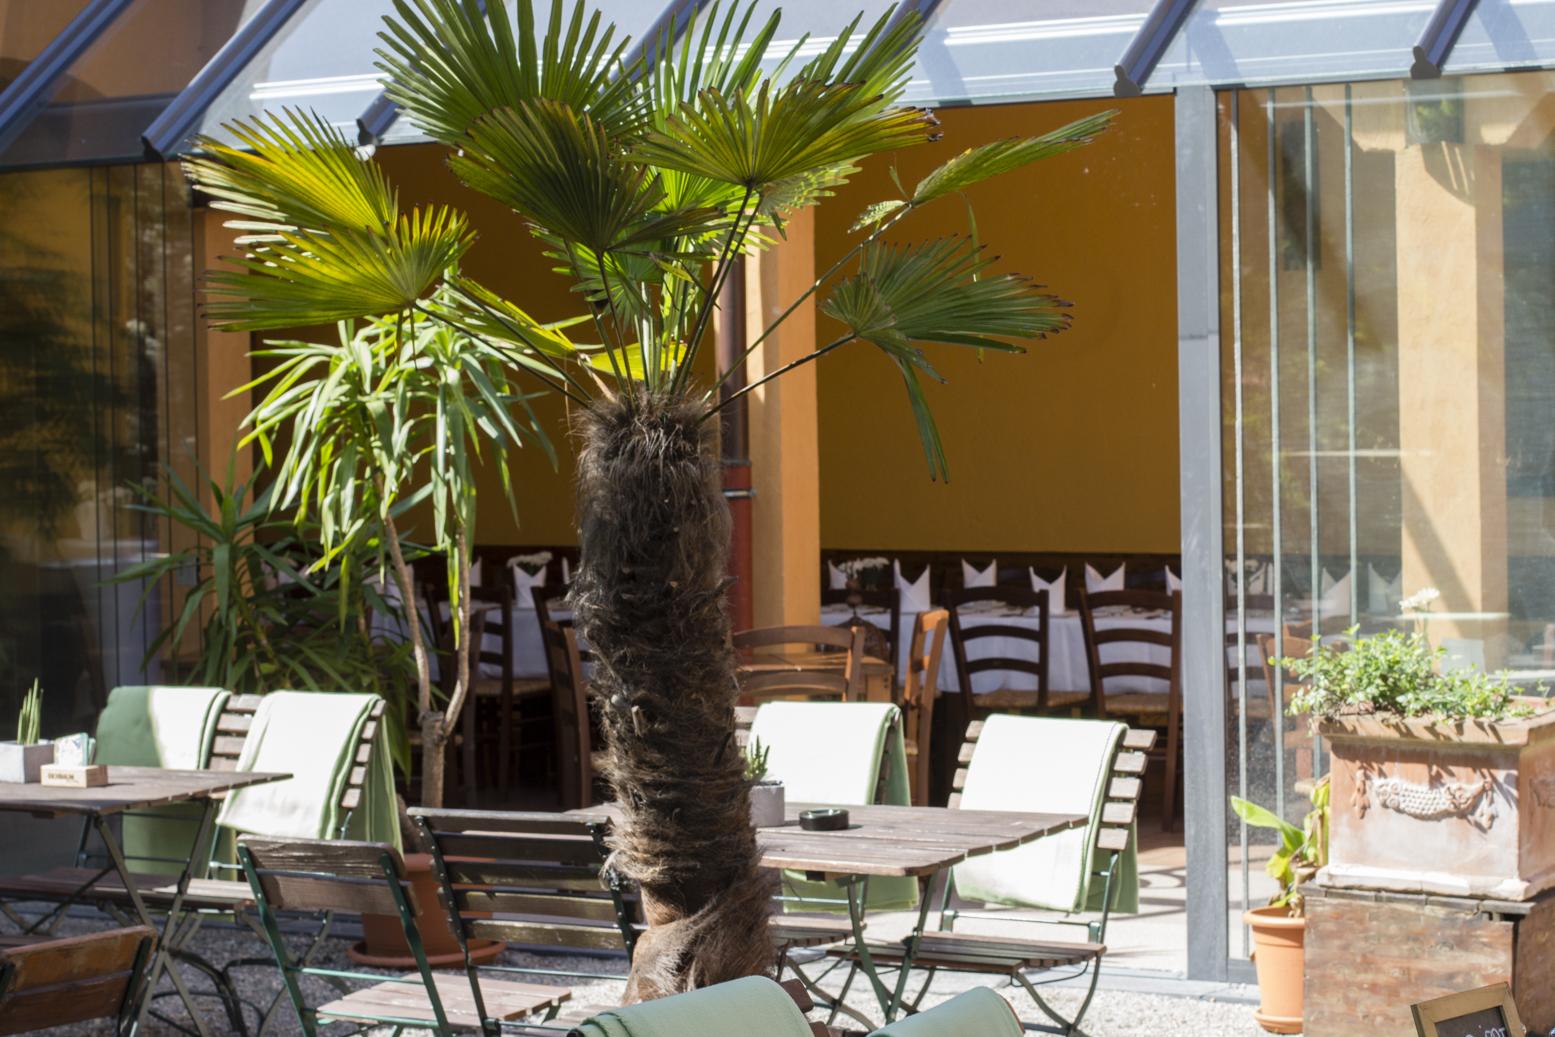 neuer wintergarten palmen biergarten mai 2015 landhaus. Black Bedroom Furniture Sets. Home Design Ideas